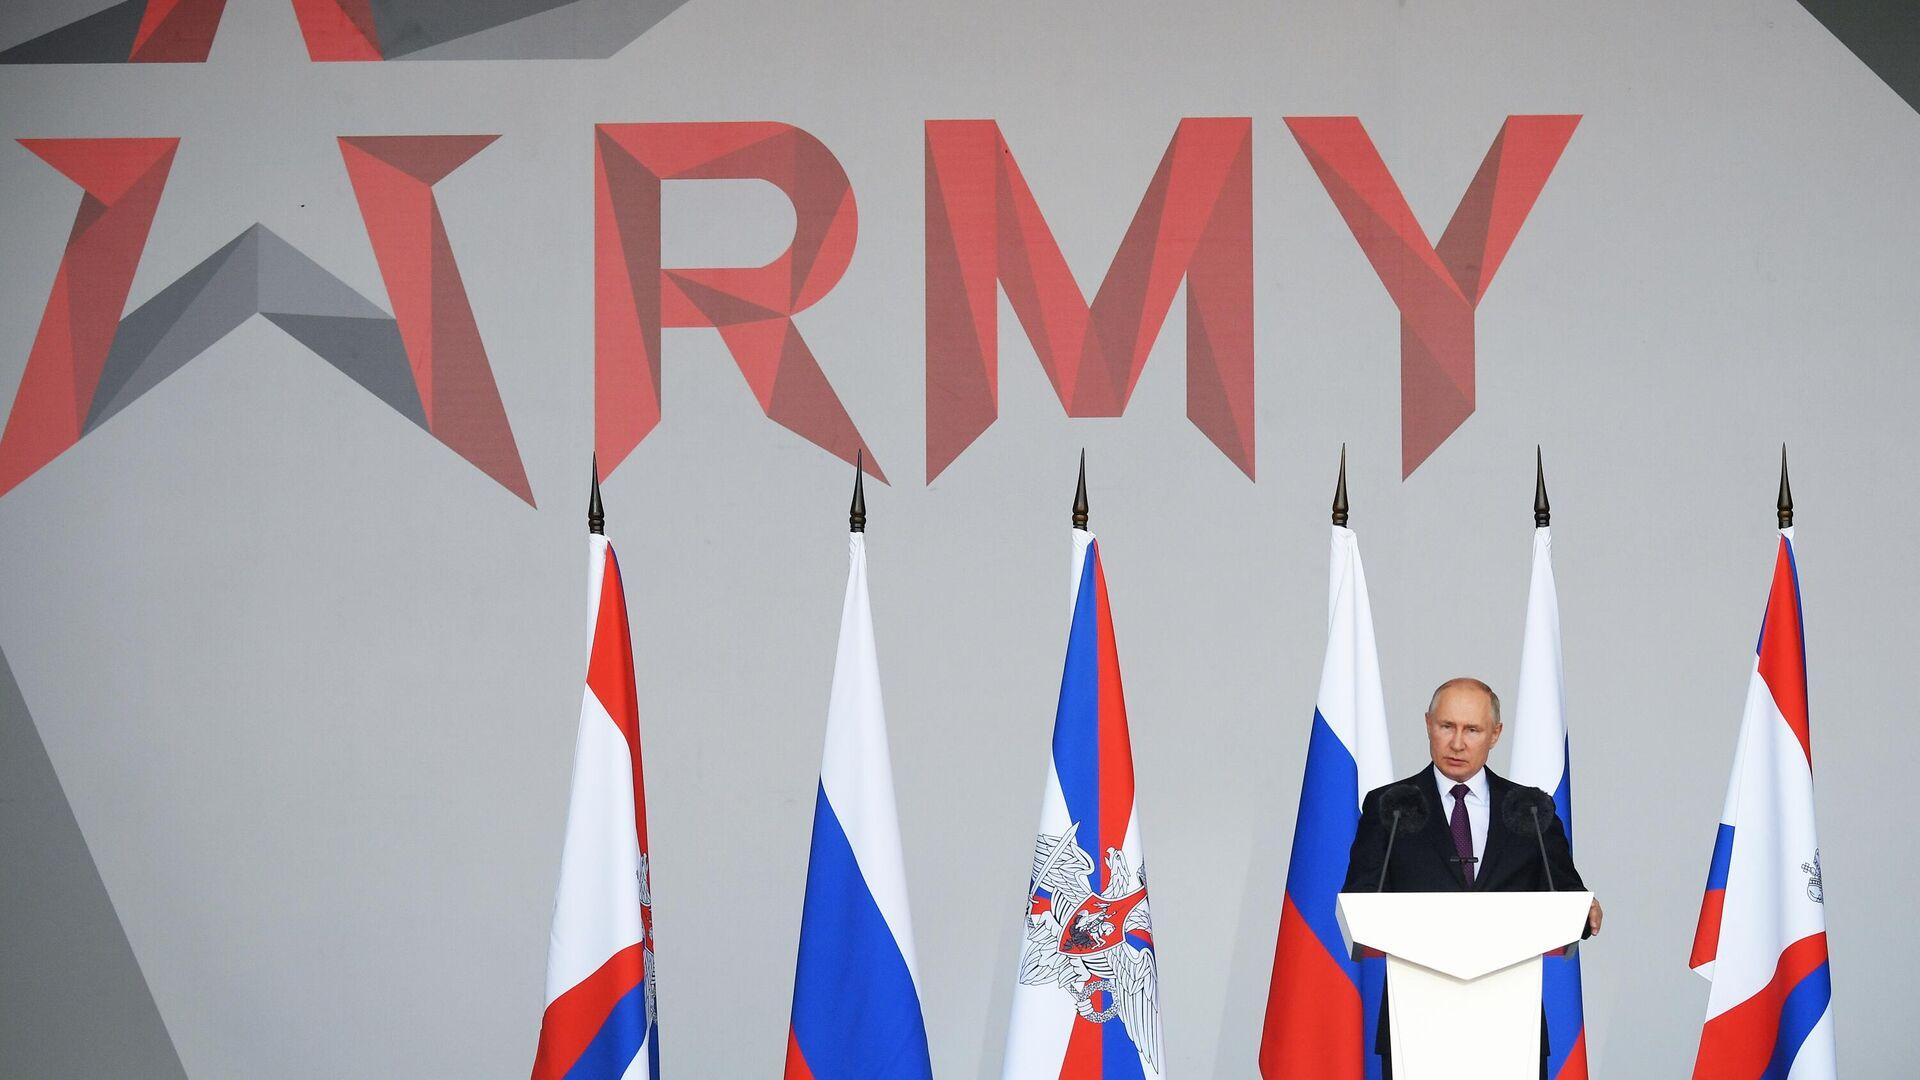 El presidente de Rusia, Vladímir Putin, inaugura el foro Army 2021 y los Juegos Militares Internacionales - Sputnik Mundo, 1920, 23.08.2021